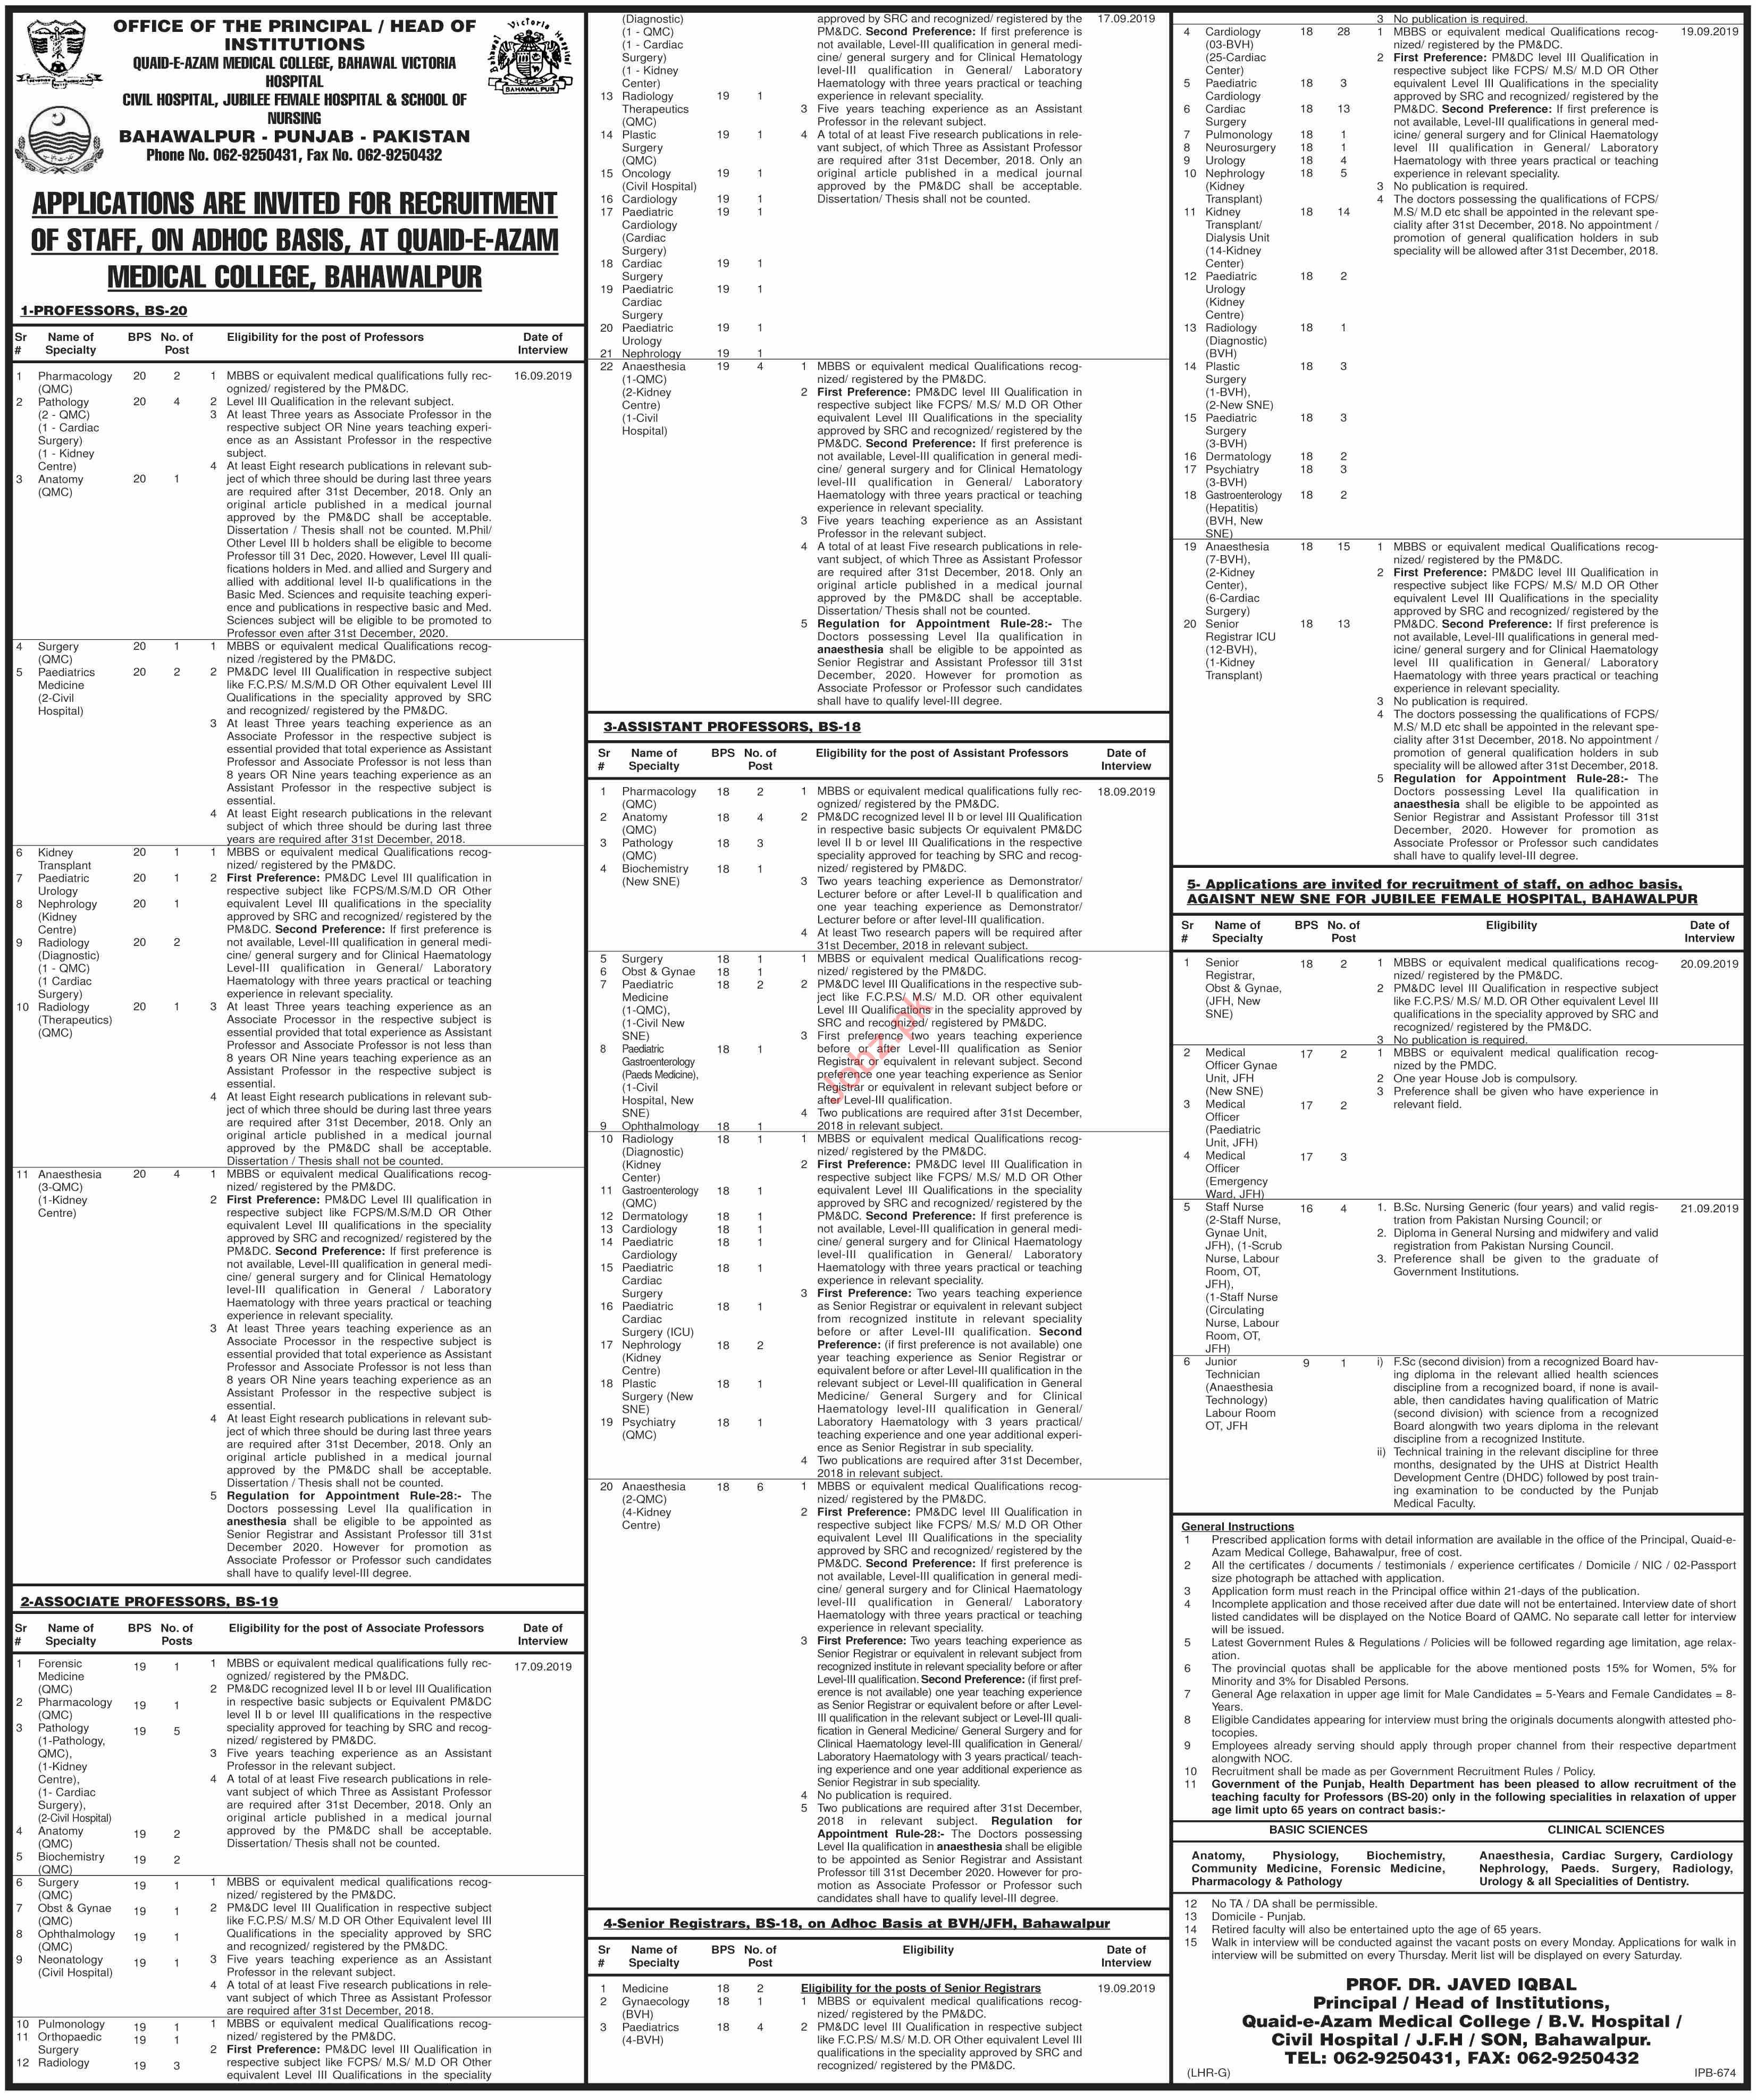 Bahawal Victoria Hospital Jobs 2019 for Professors